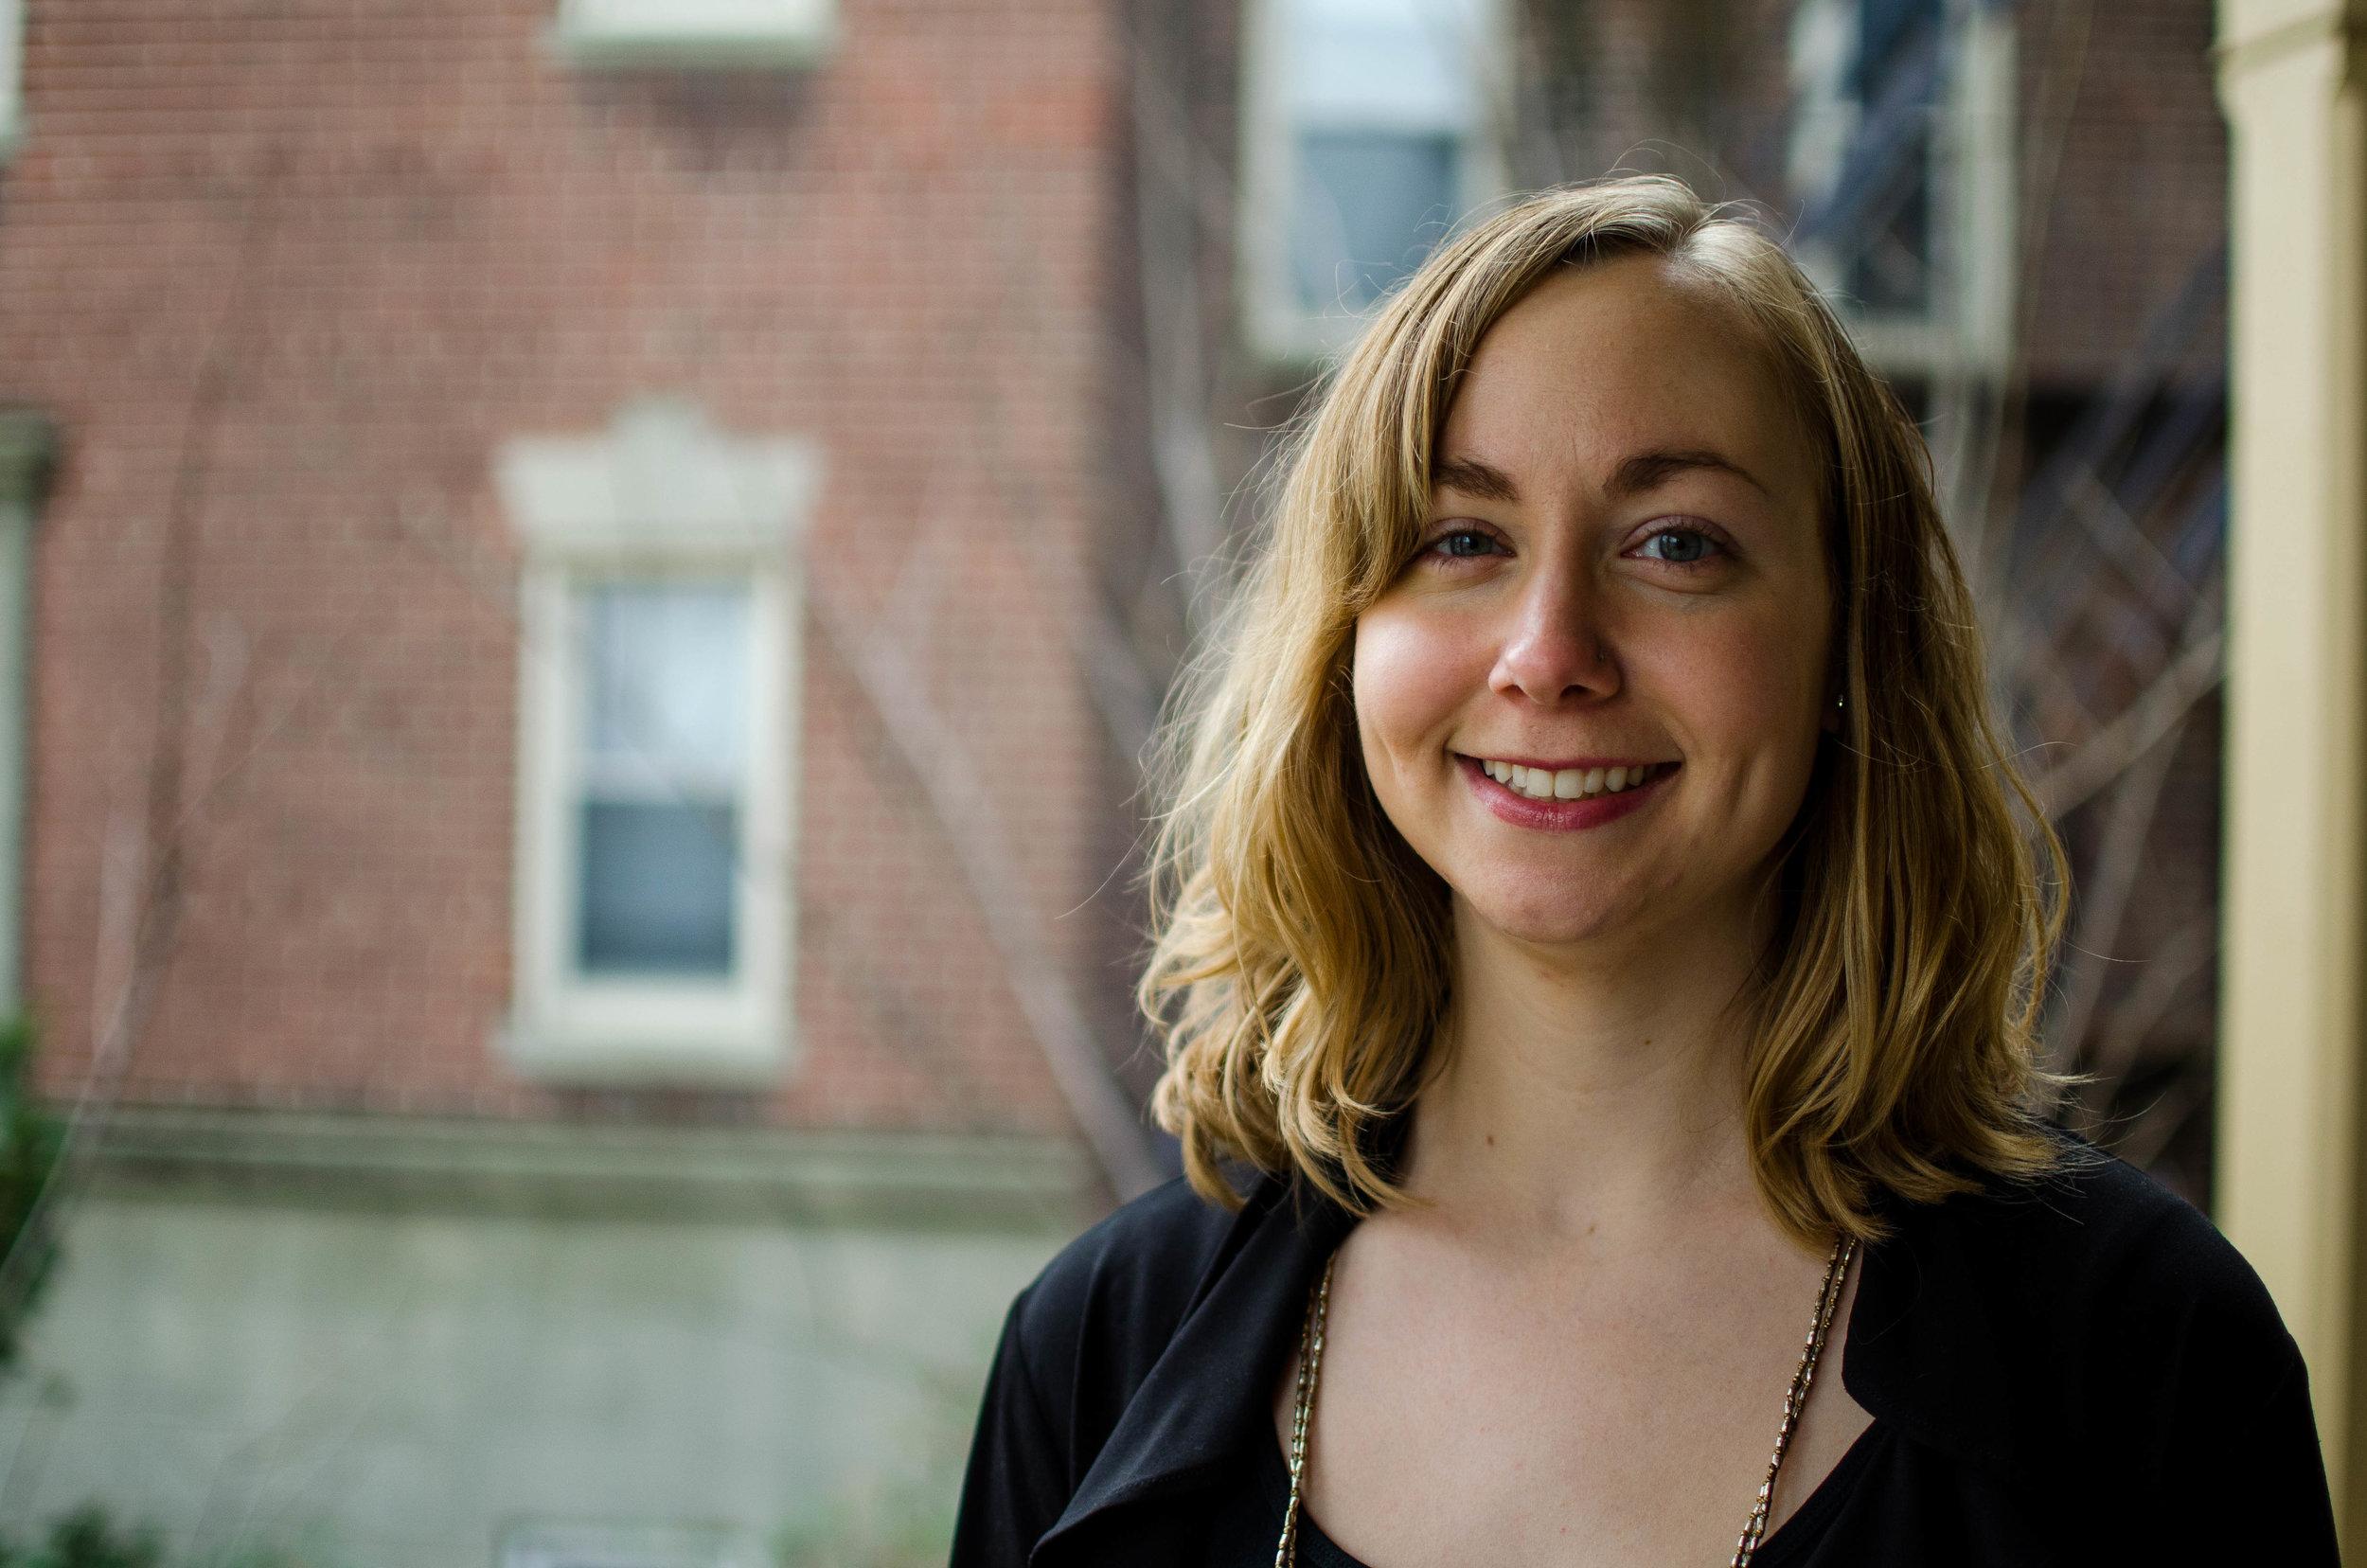 Erin Raffensperger